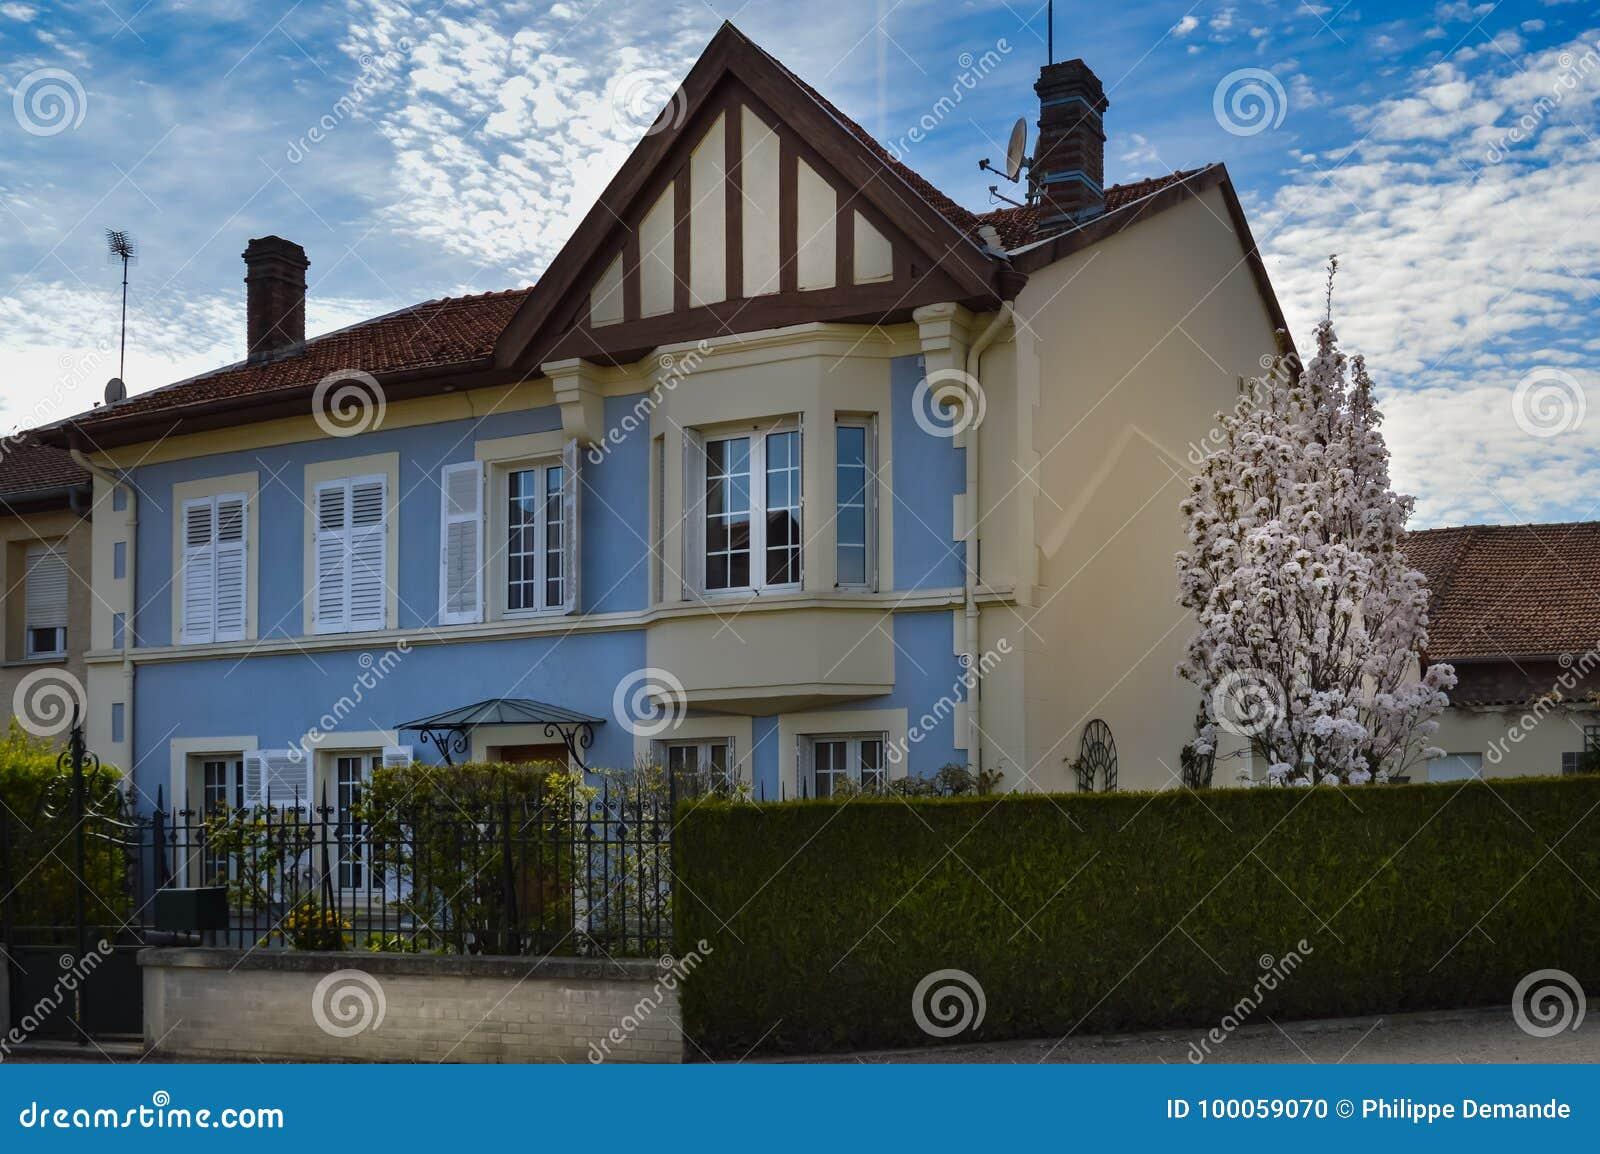 Small Villa With A Blue Facade Stock Photo - Image of modern, decor ...